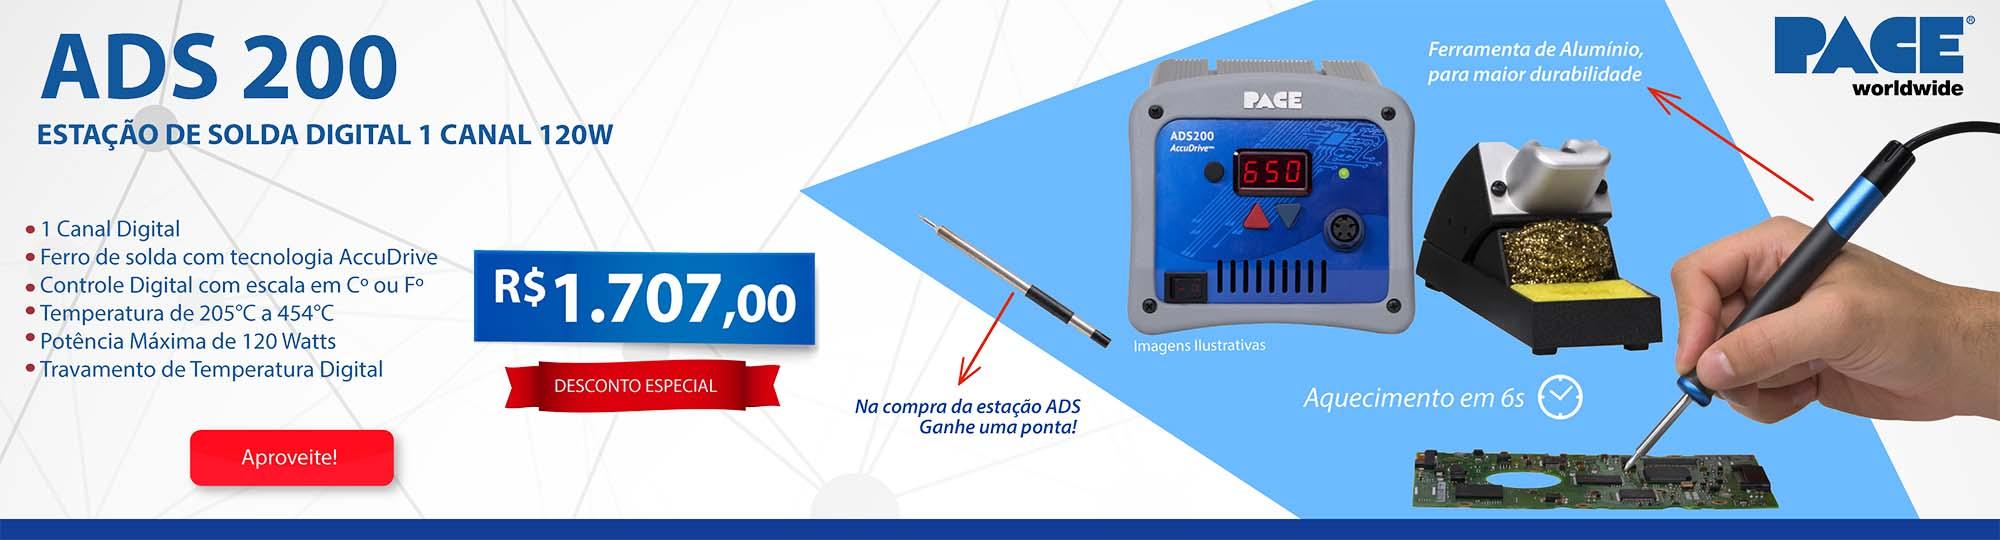 ADS200